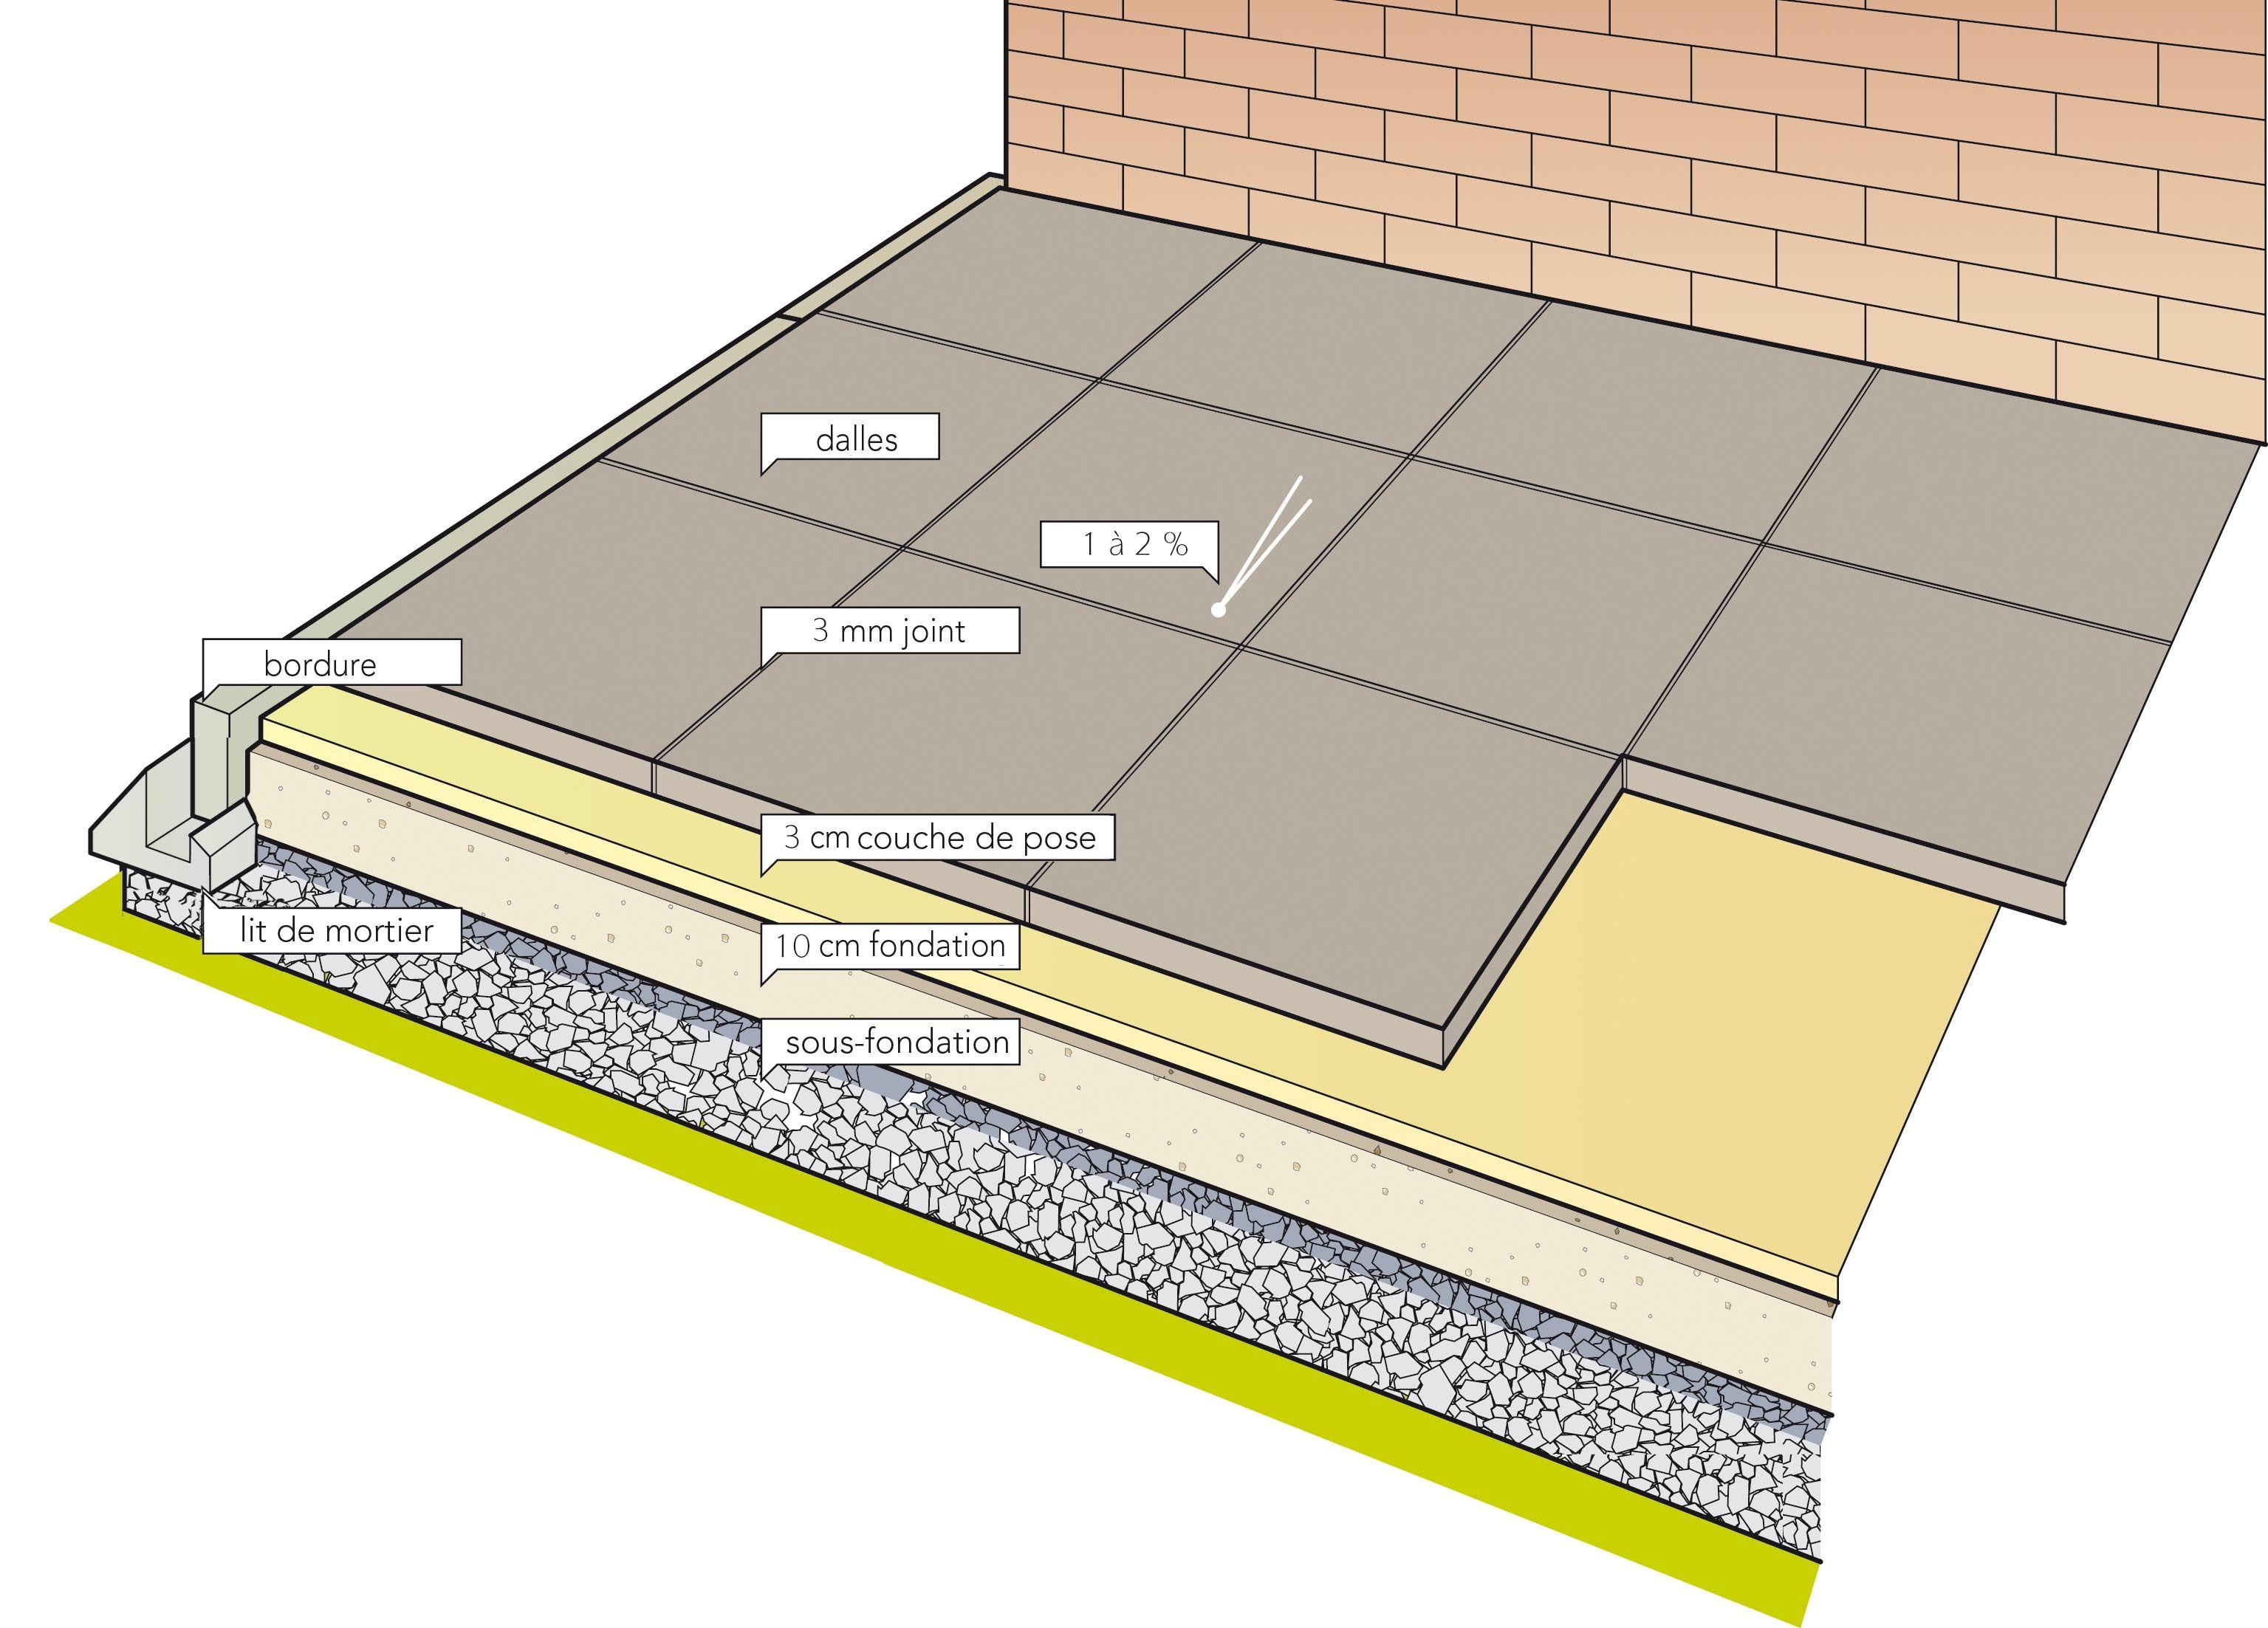 tegel stabilise terrasse en 2019 pose de pav. Black Bedroom Furniture Sets. Home Design Ideas